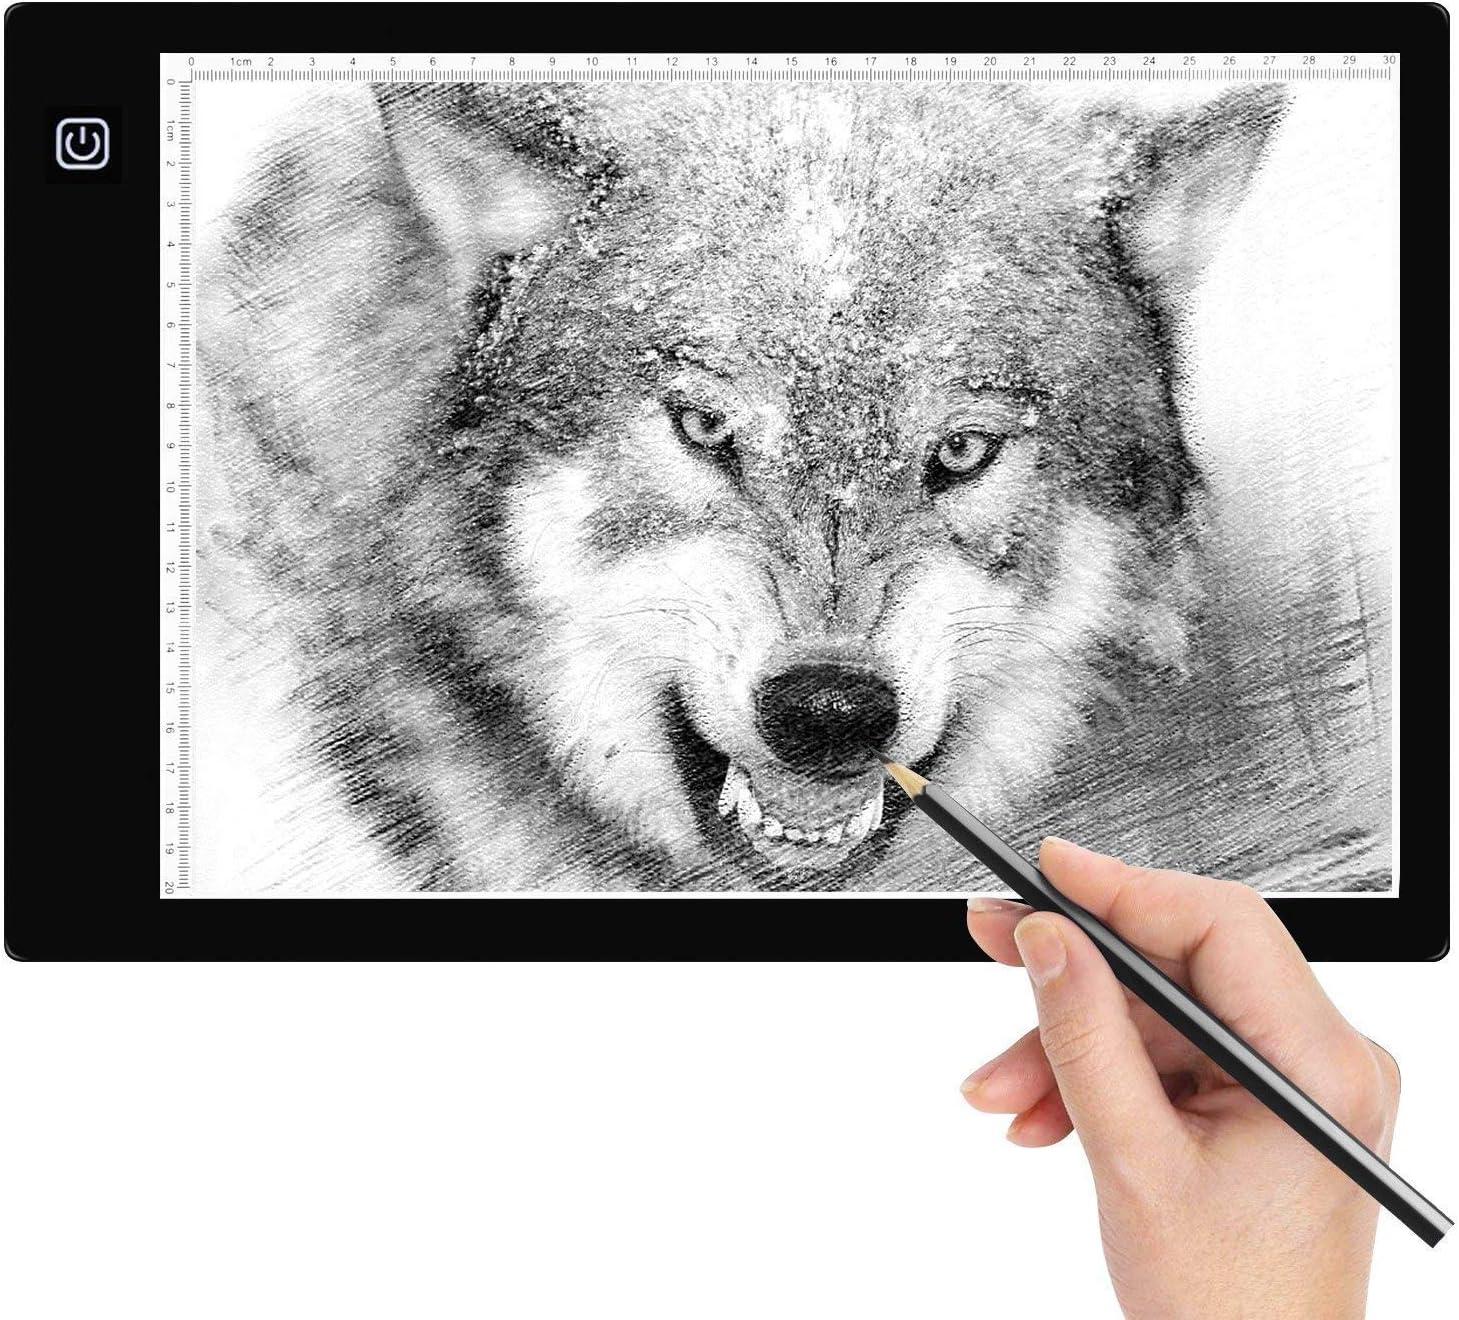 Amzdeal Mesa de Luz Dibujo, A4 LED Portátil Tableta de Luz Ultradelgada con Panel Táctil y Óptico Inteligente Interfaz USB para Artistas, Dibujo, Animación